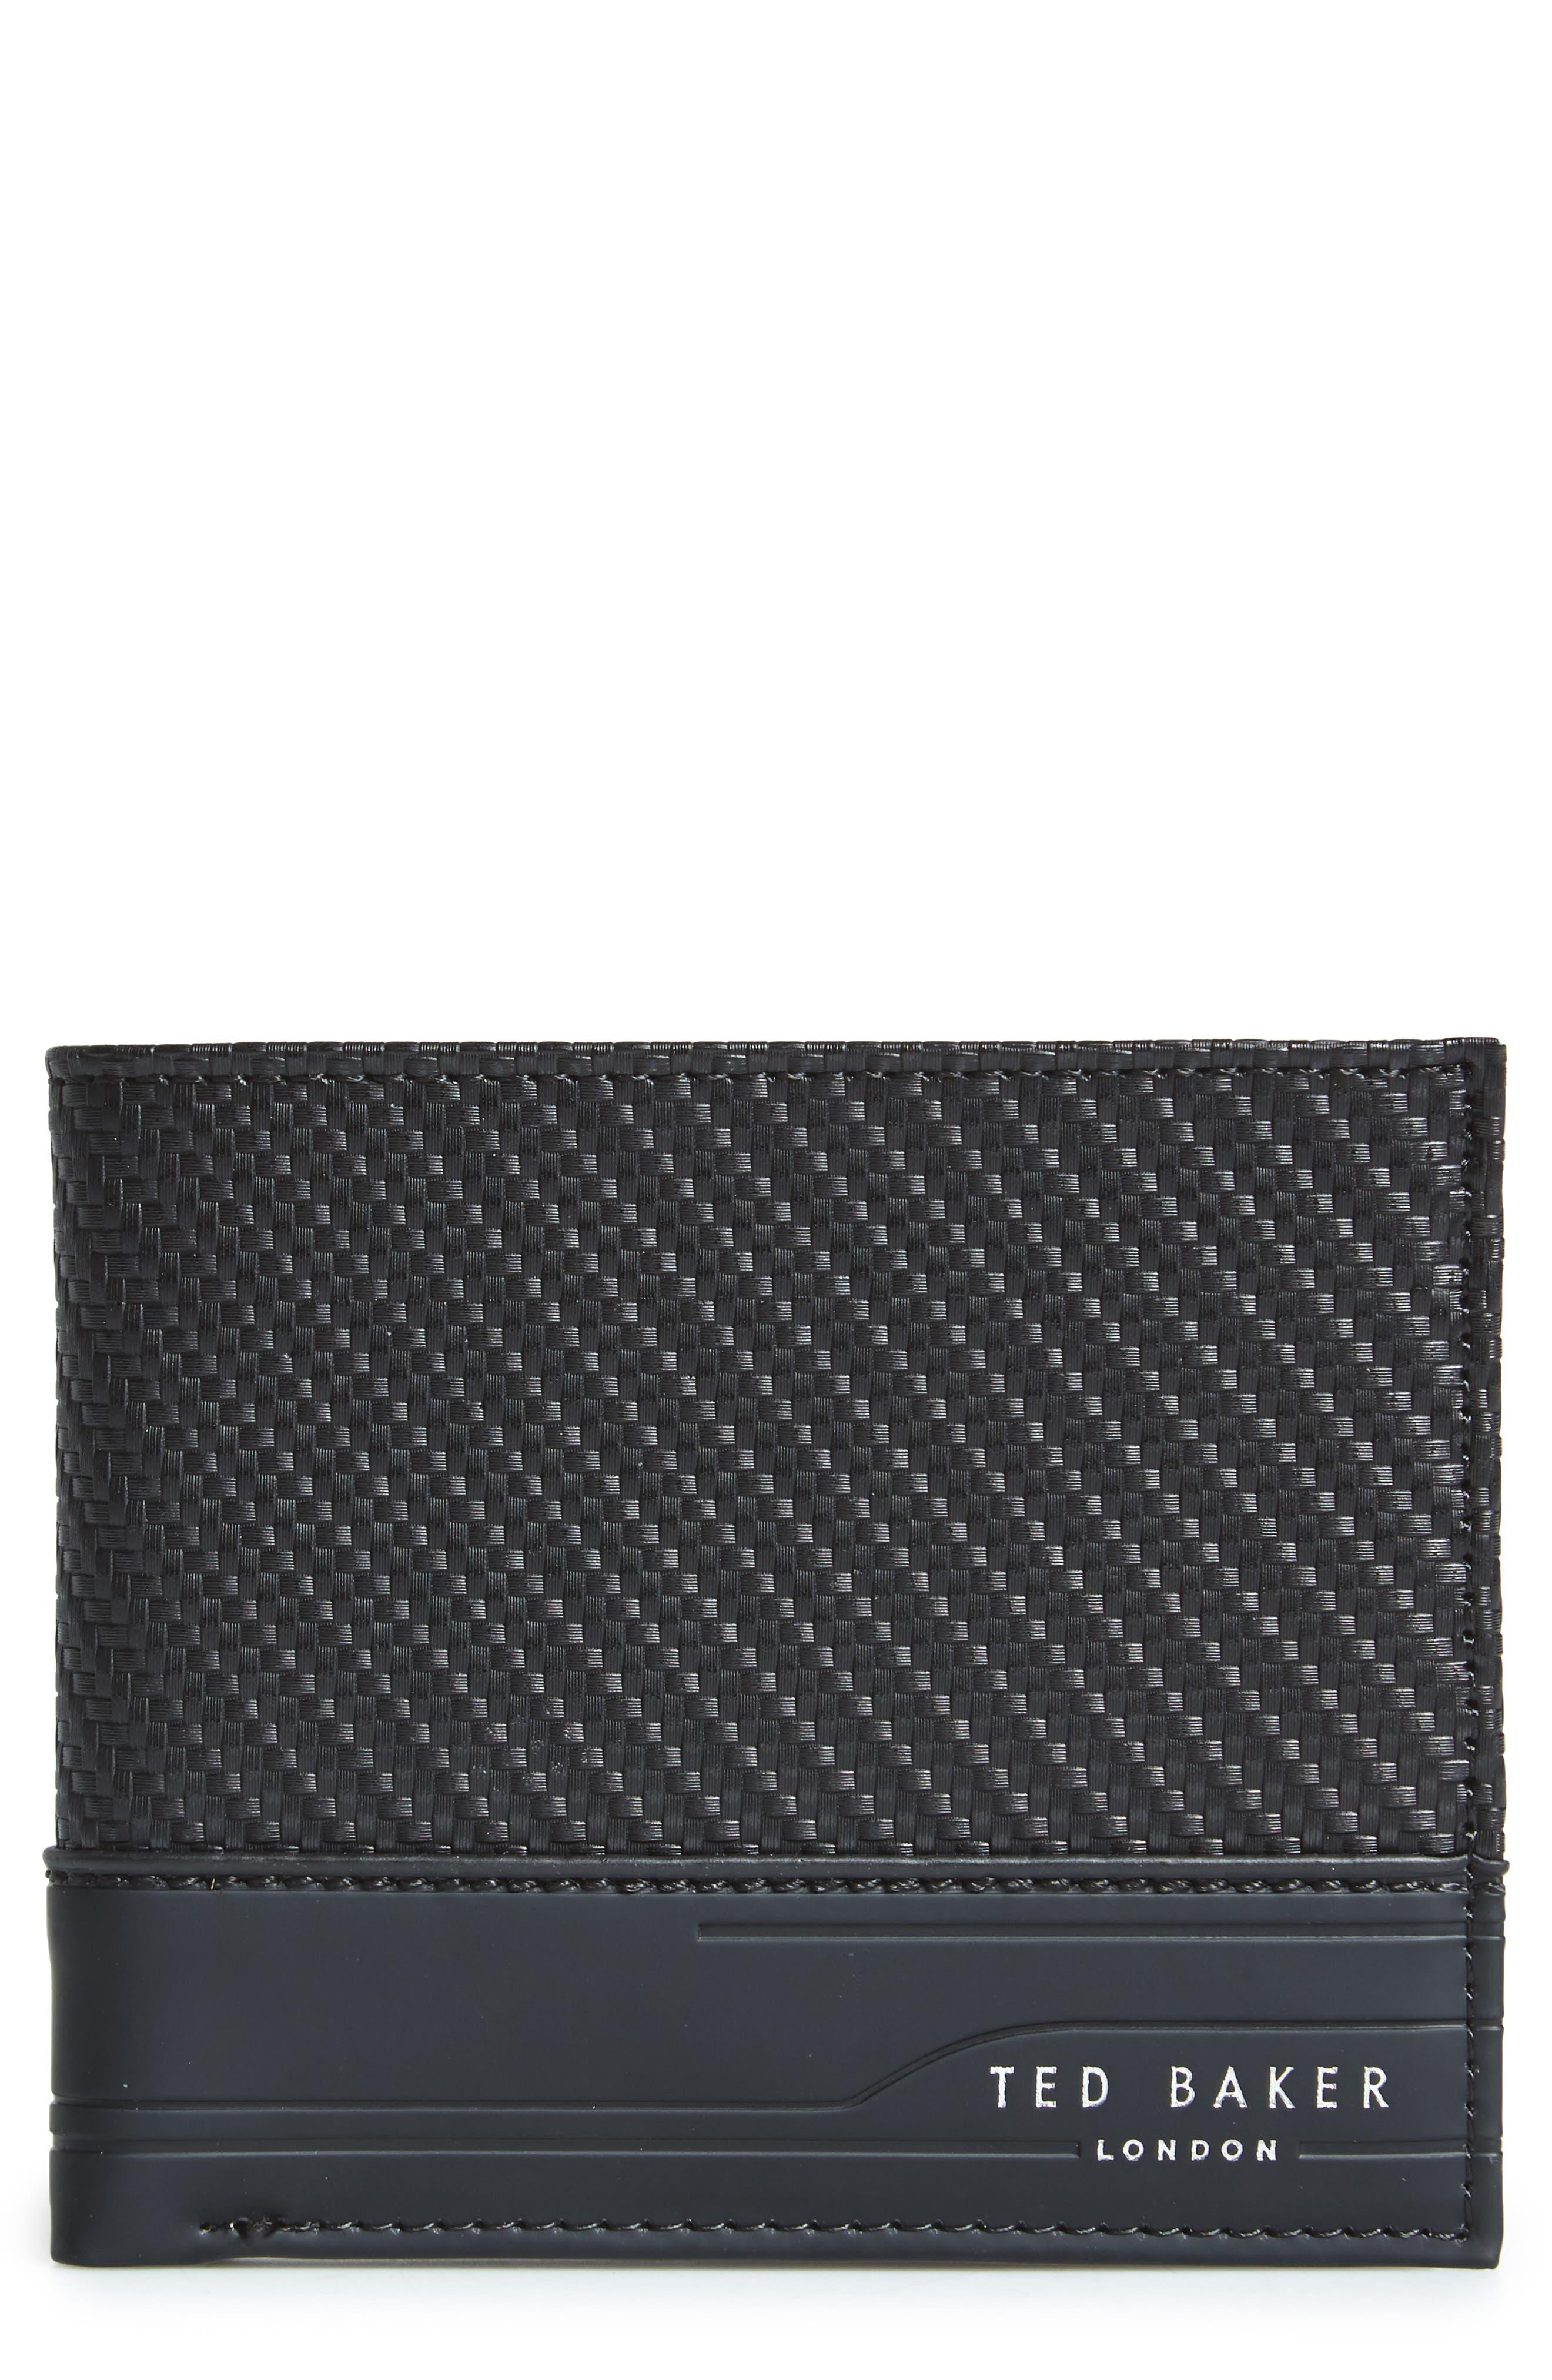 Ted Baker London Innova Wallet